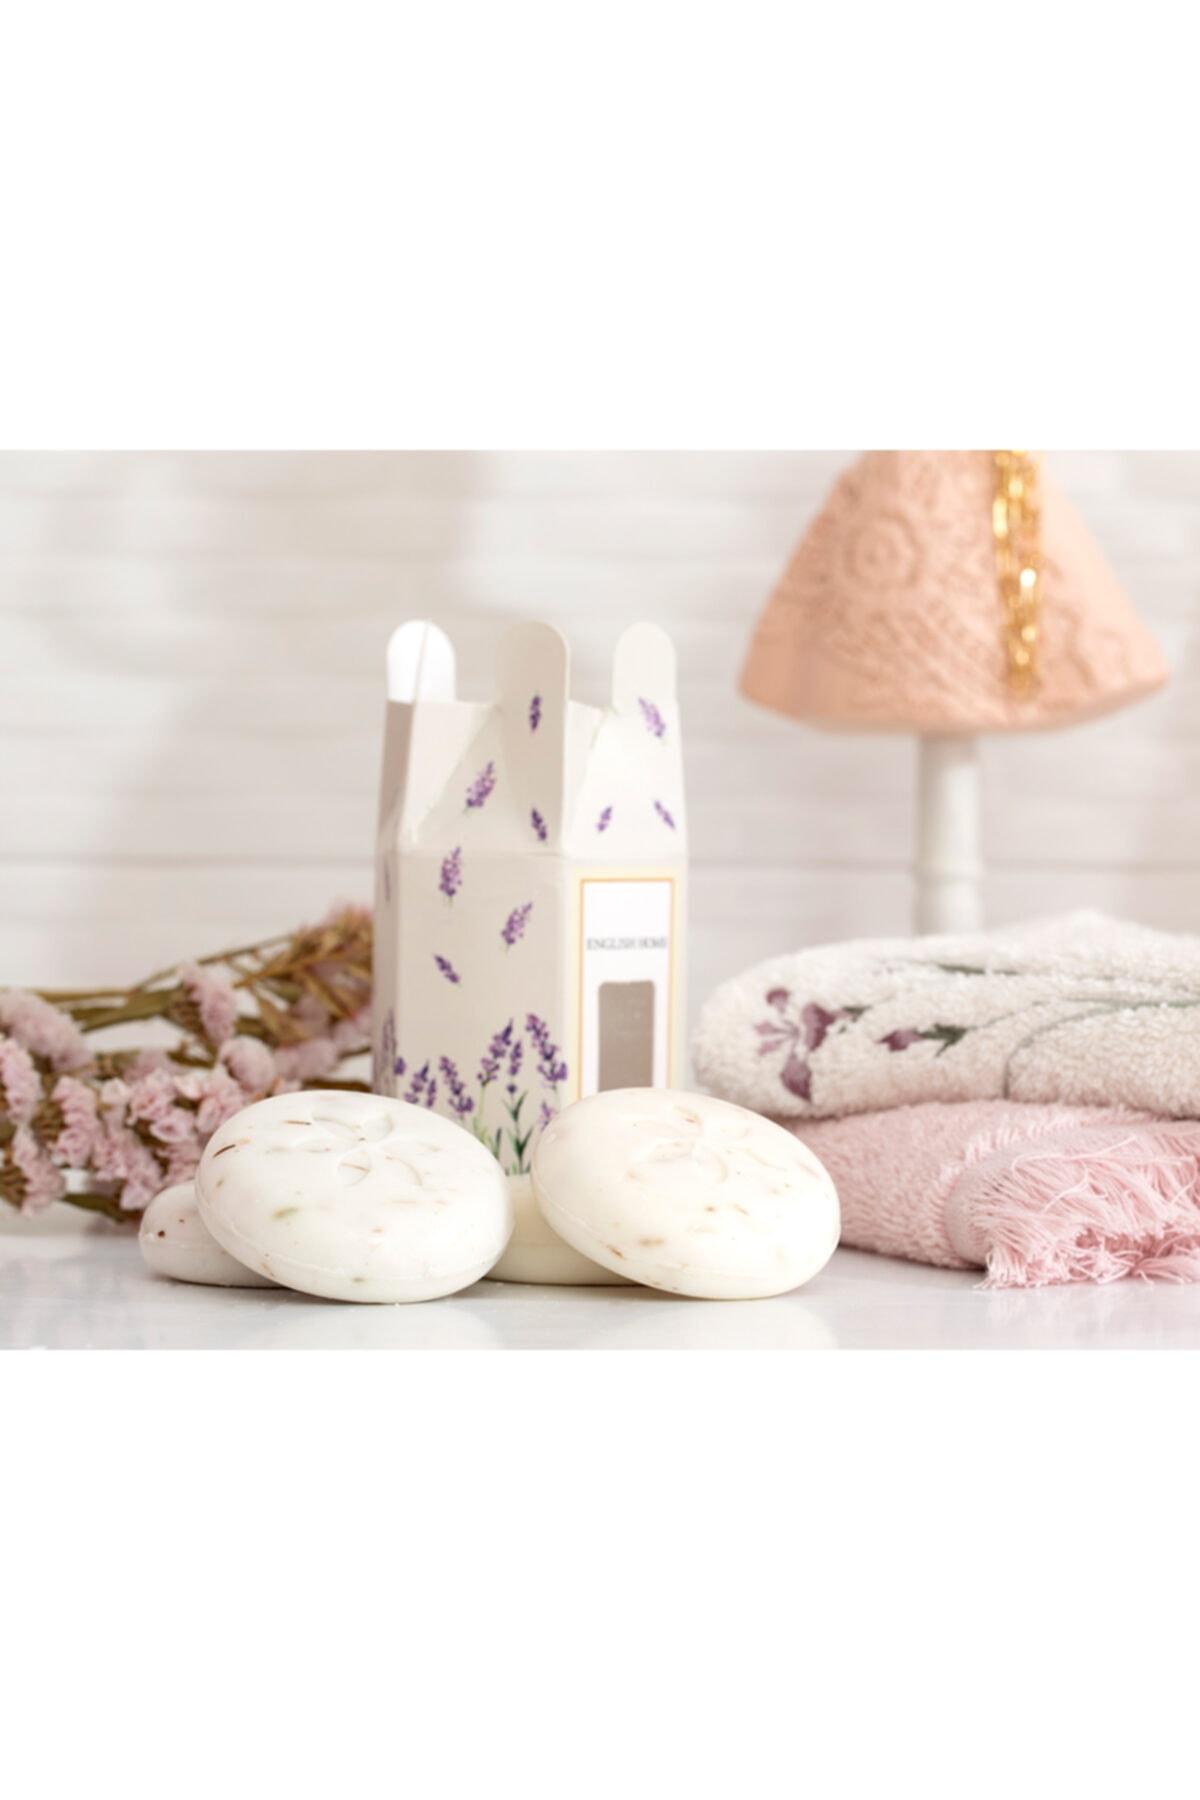 English Home Lavanta Özlü Katı Sabun 4x45 Gr Beyaz 2